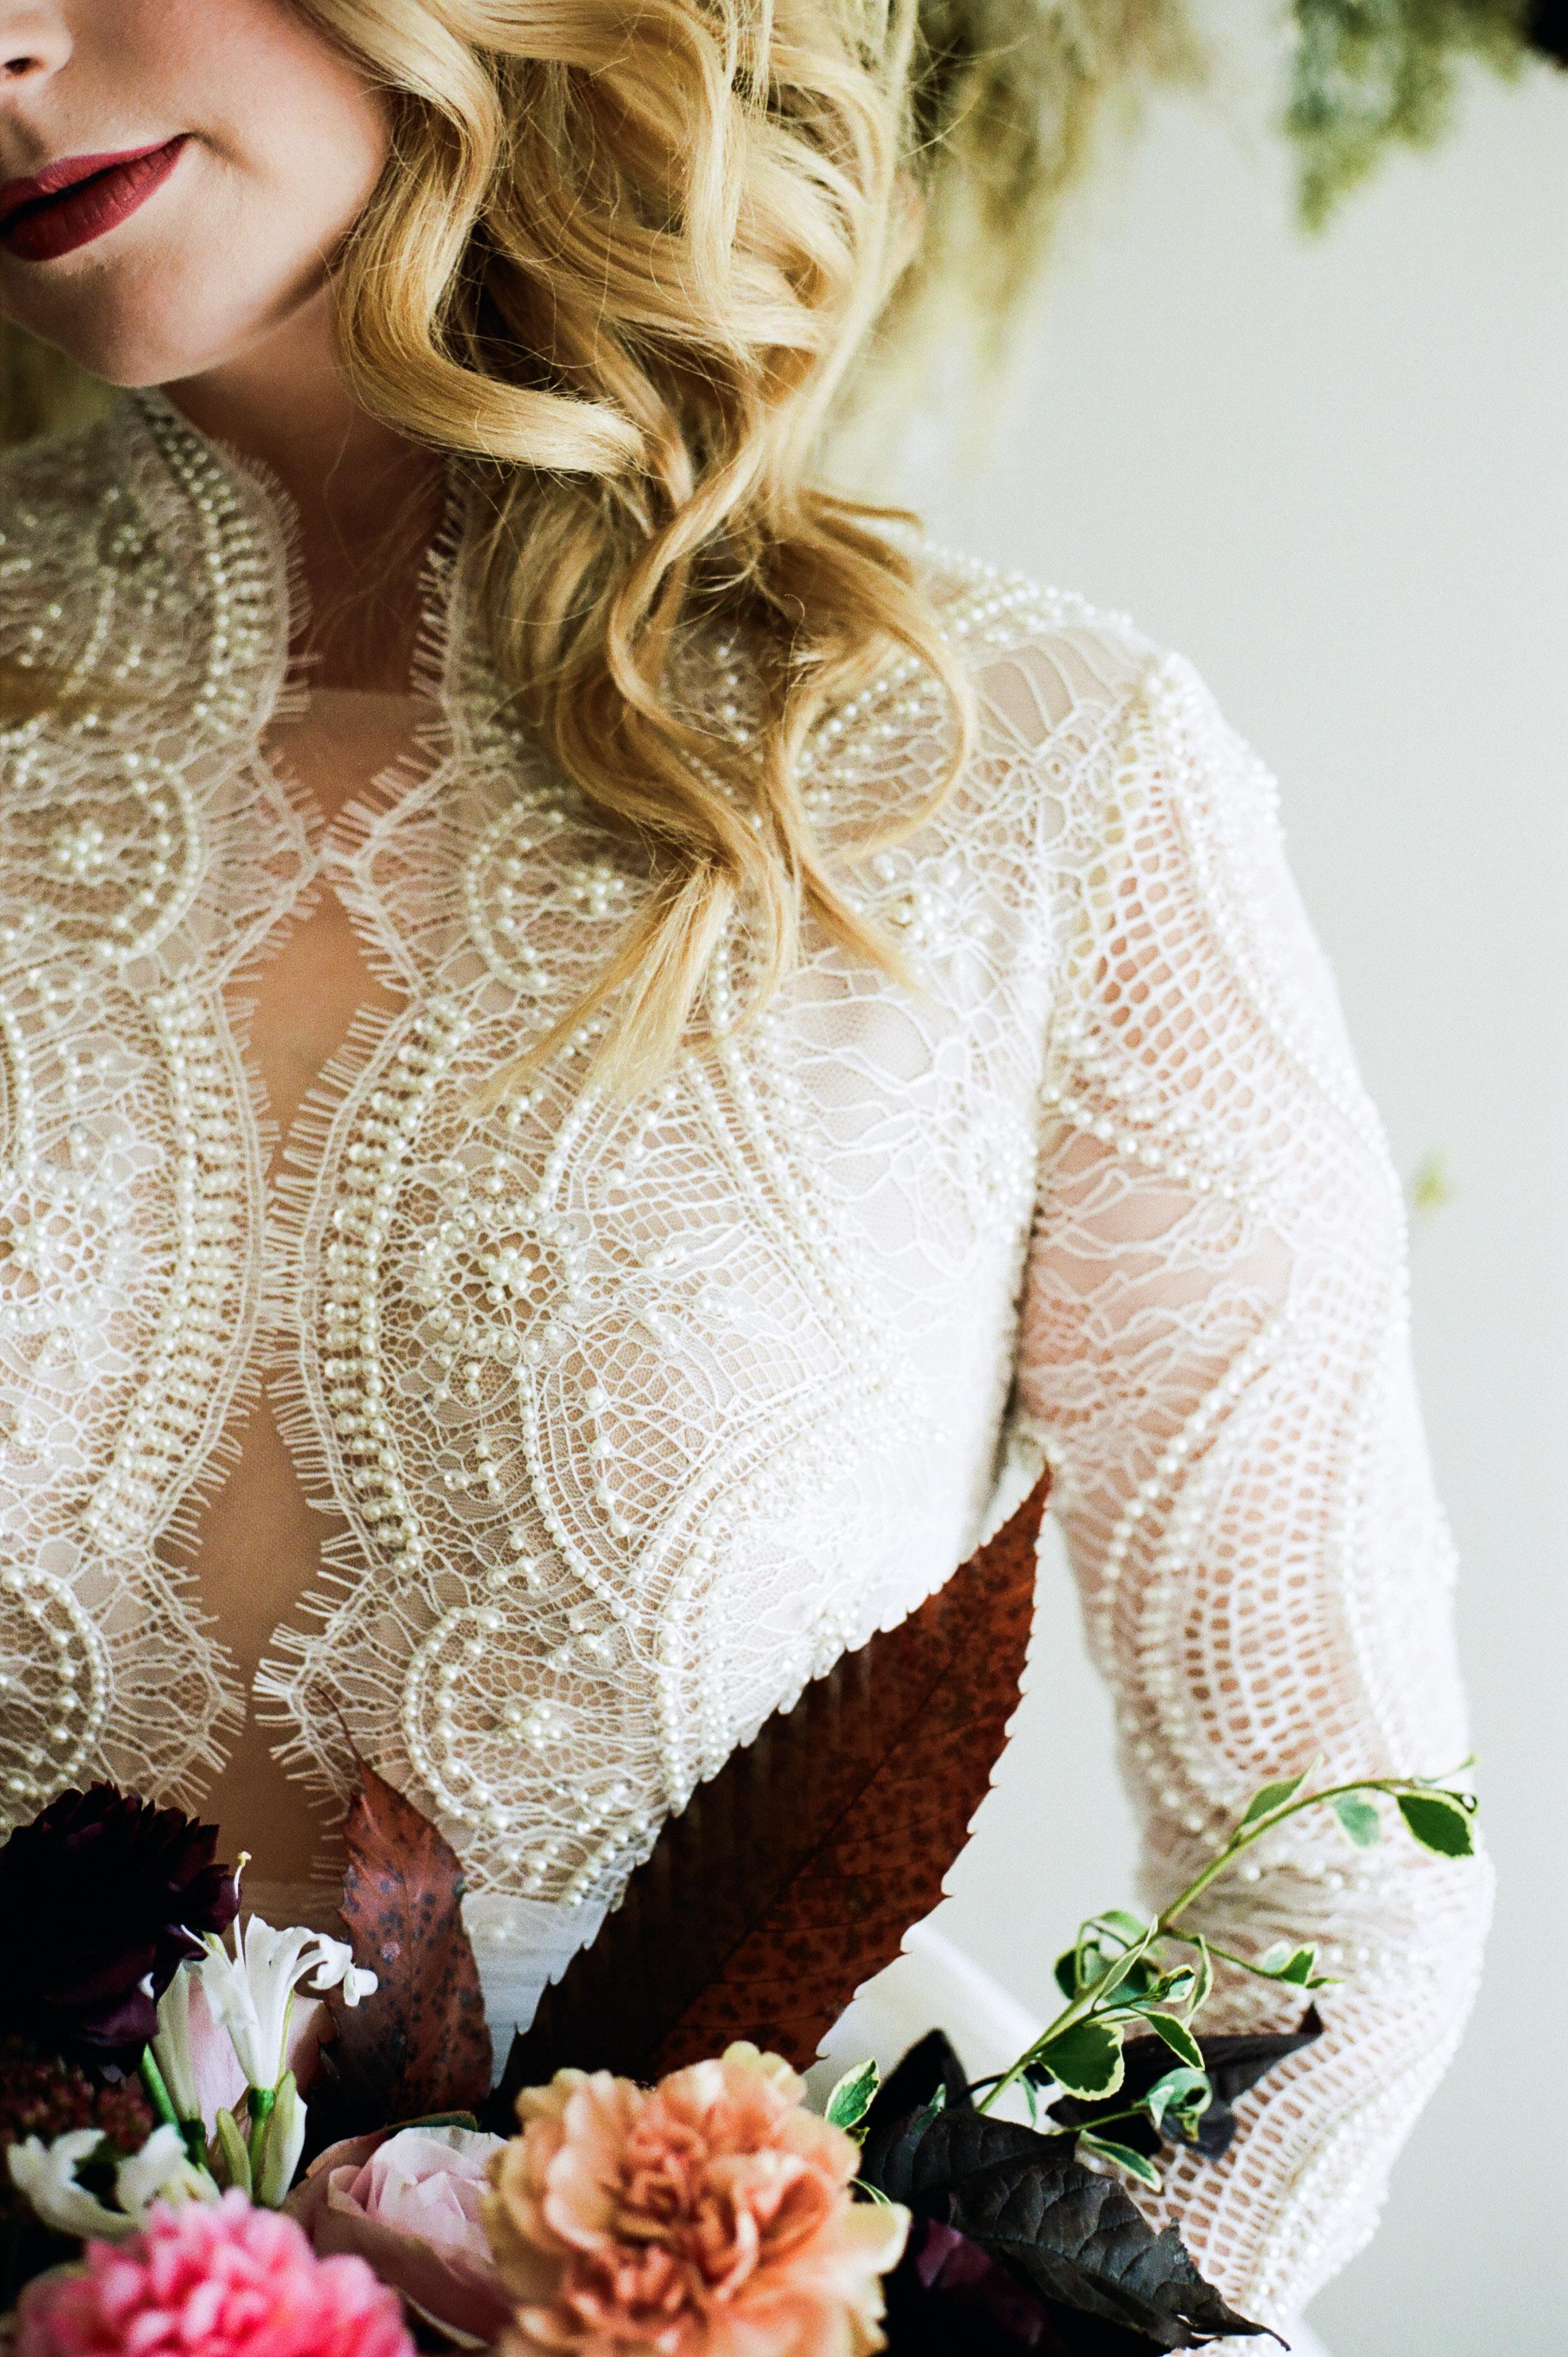 Elizabeth Lee bridal boutique (29 of 42).jpg